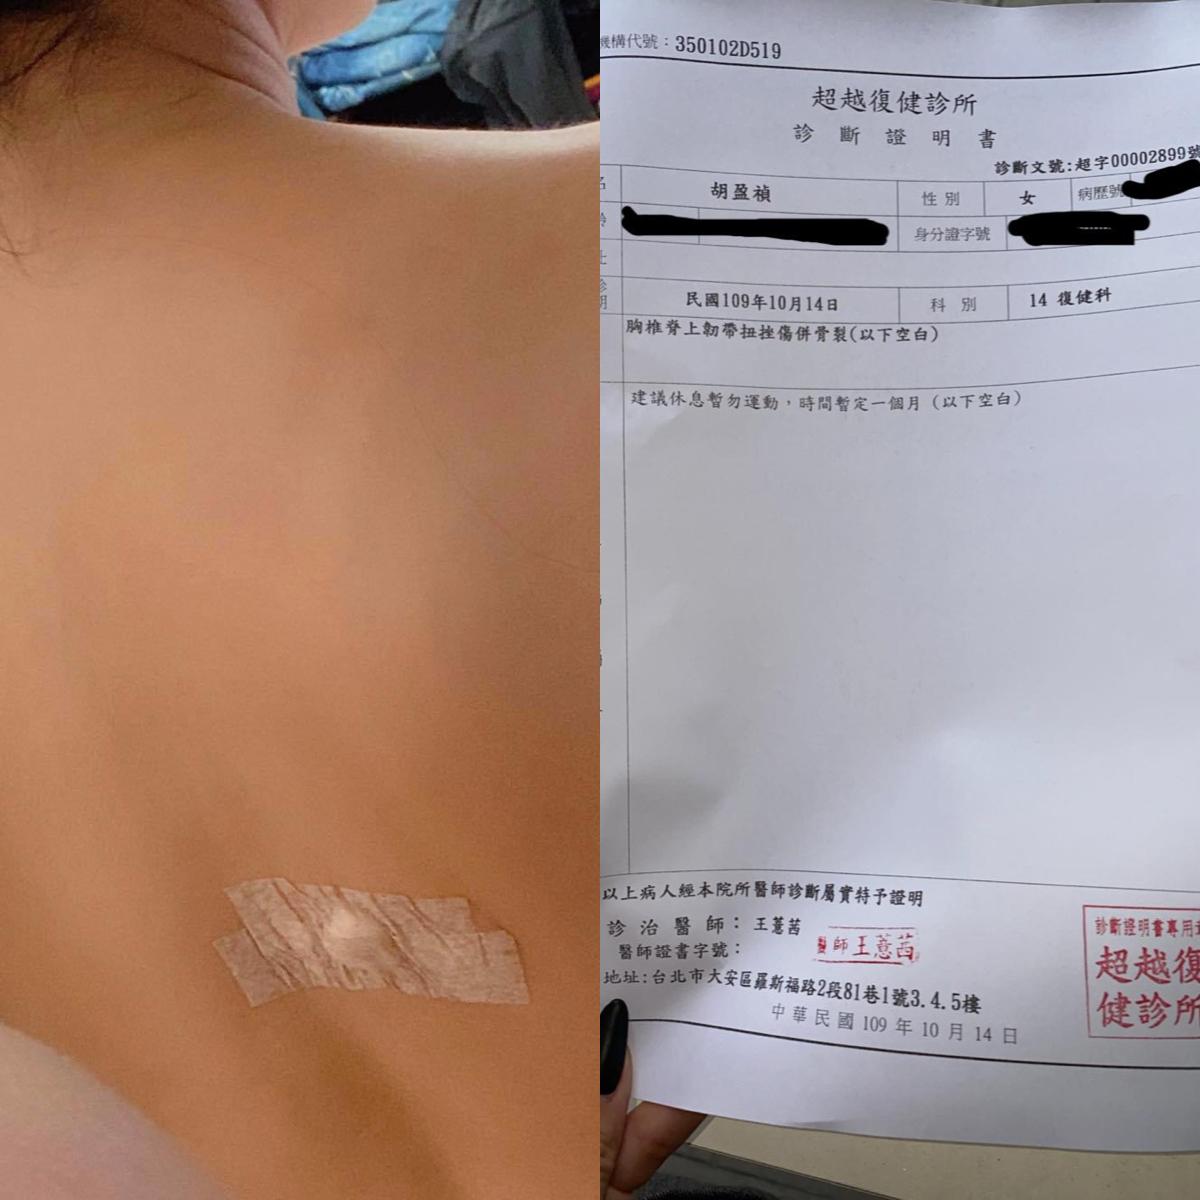 胸椎韌帶扭傷加骨裂!小禎13年後再挨一針 自曝診間狀況:當場嚇哭